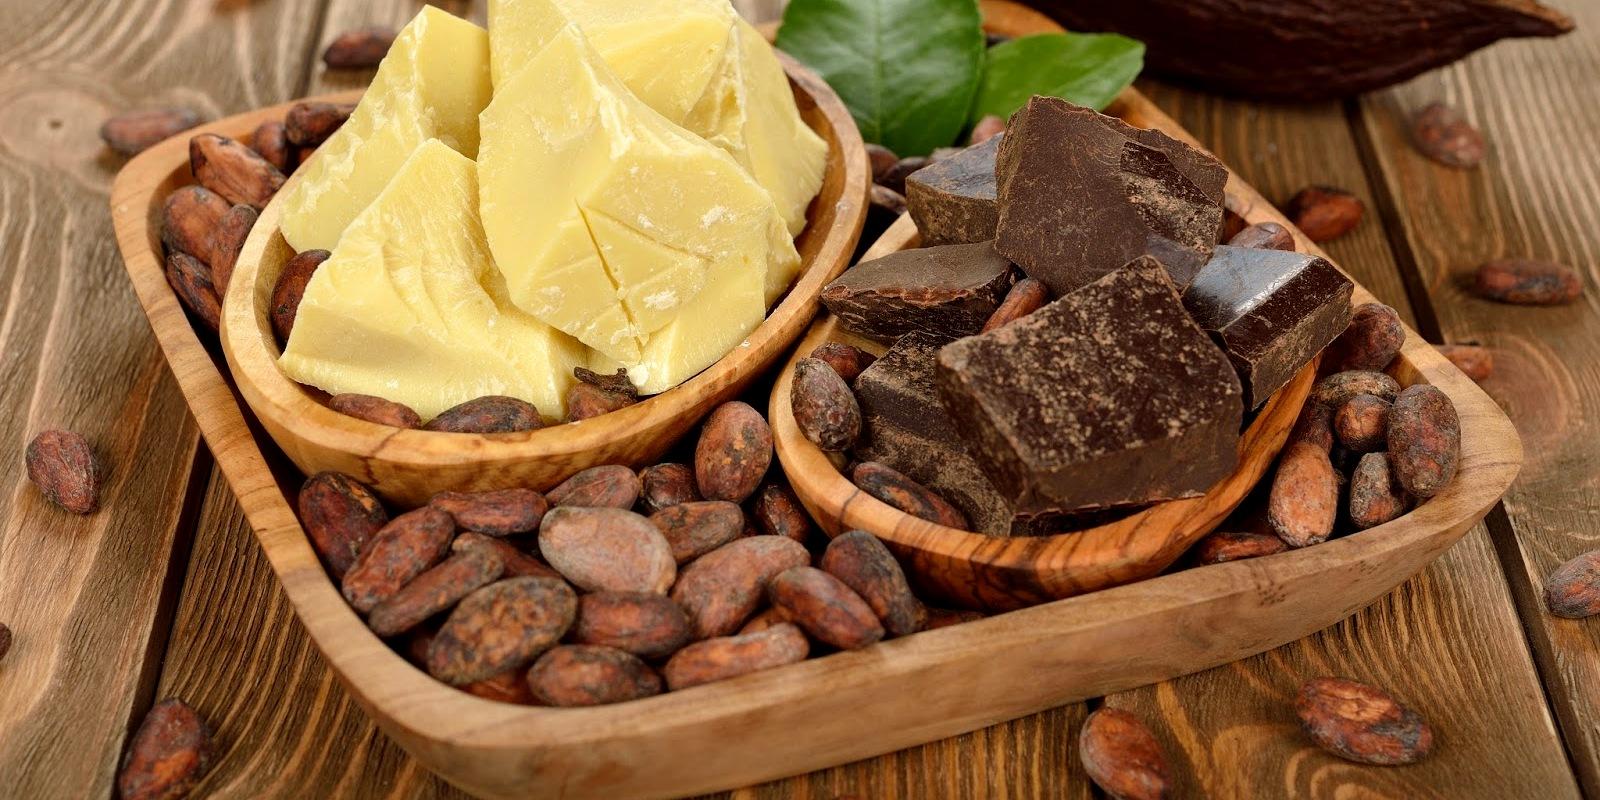 масло какао для лица - Масло какао - применение для лица и тела!